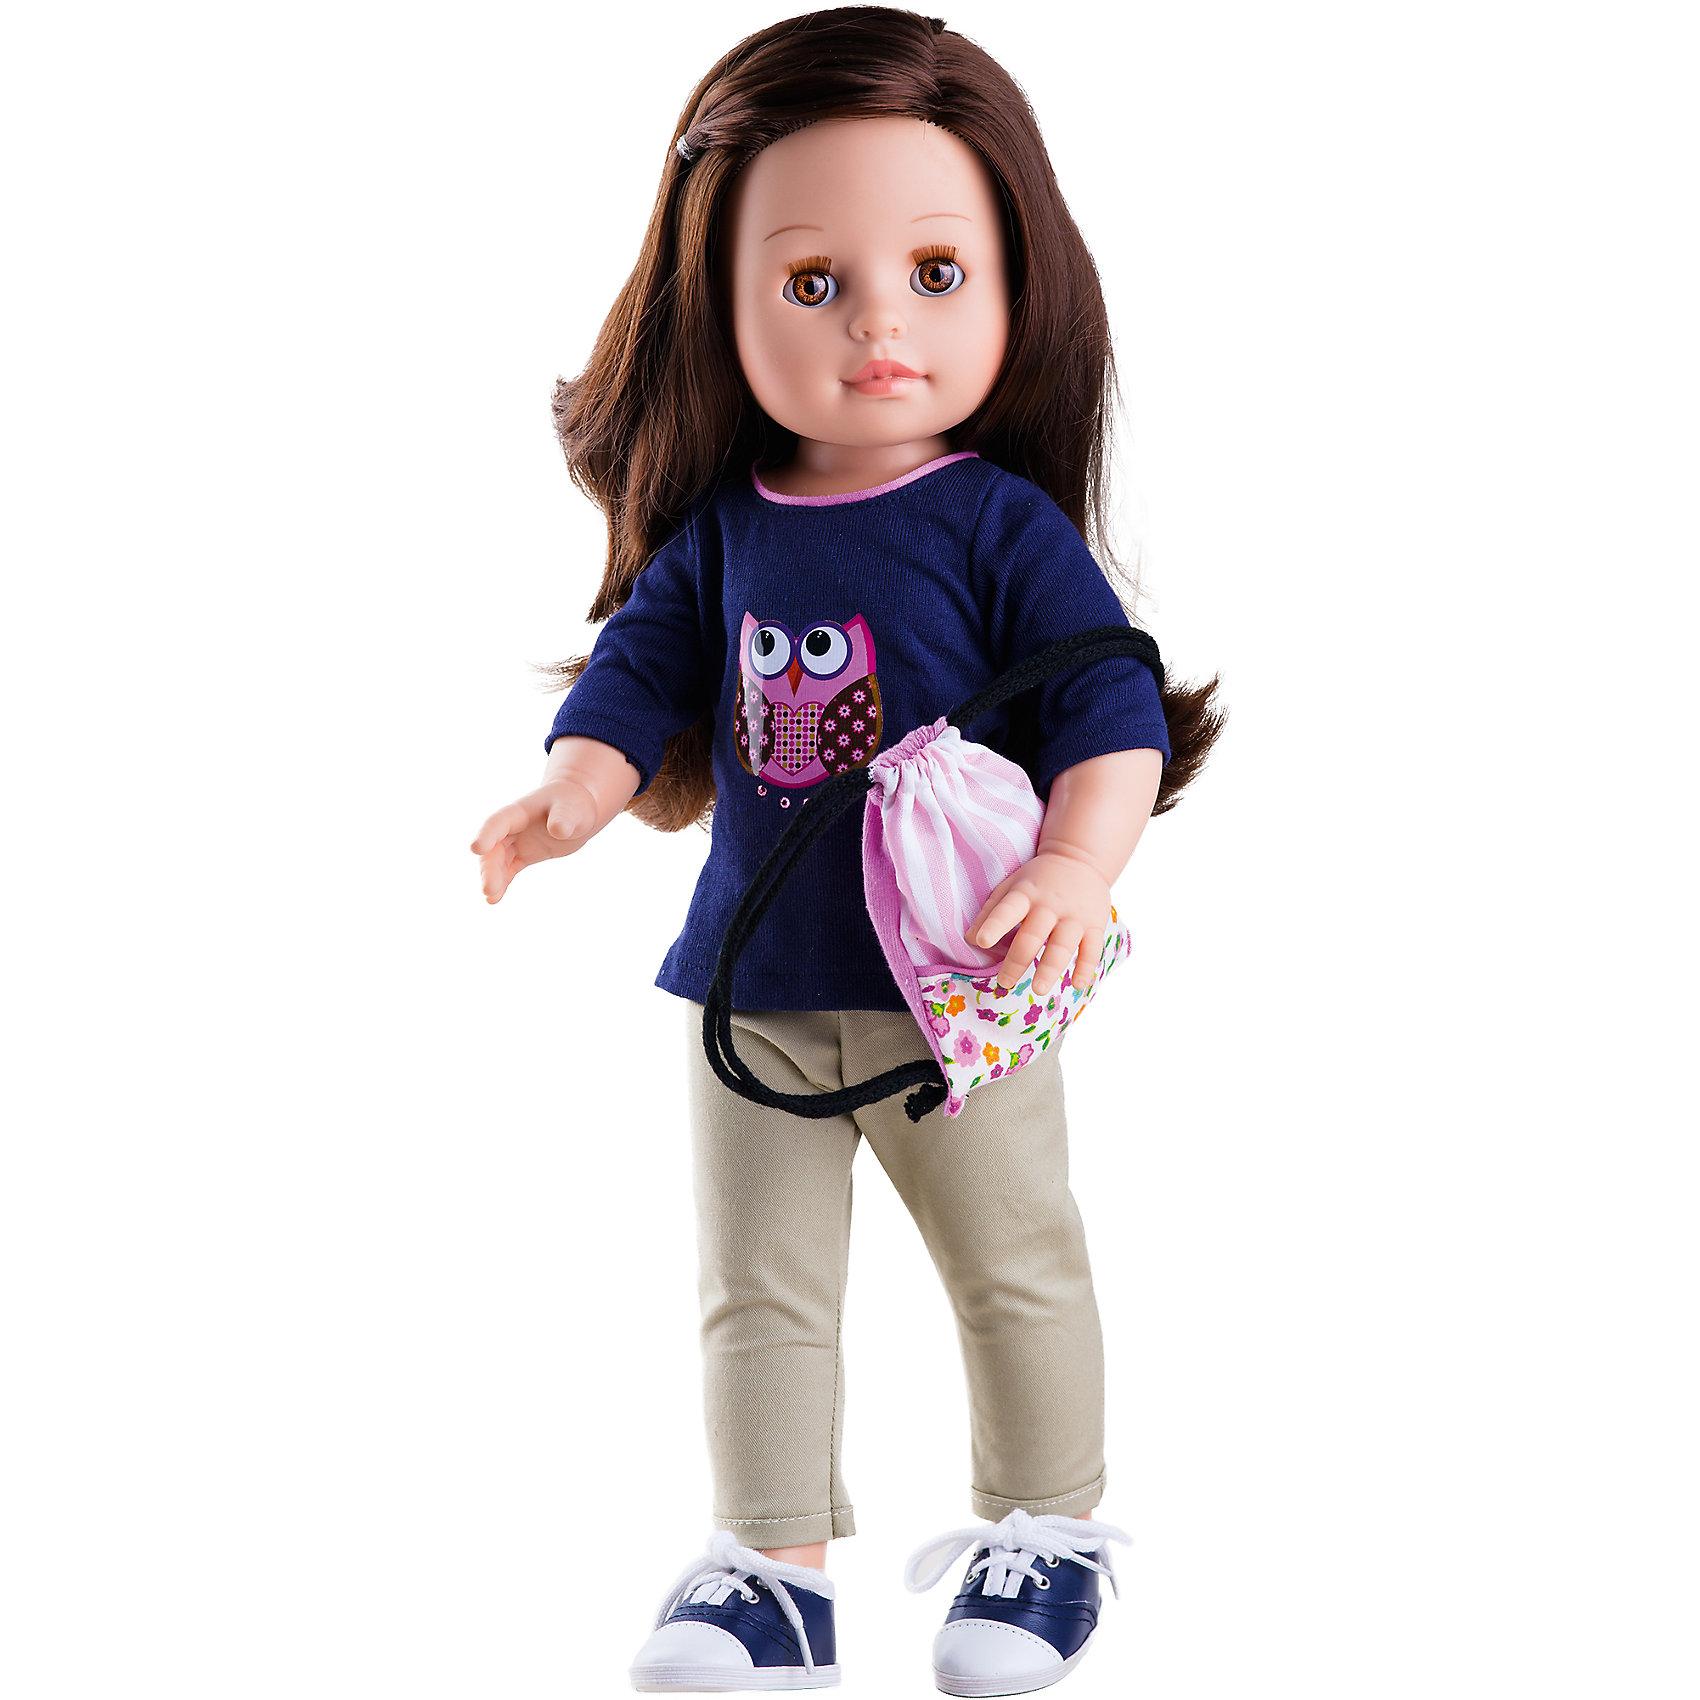 Кукла Эмили, 42 см, Paola ReinaКлассические куклы<br>Кукла Эмили, 42 см, Paola Reina.<br><br>Характеристики:<br><br>• Для детей в возрасте: от 3 лет<br>• Высота куклы: 42 см.<br>• Глаза закрываются<br>• Материалы: кукла изготовлена из винила; глаза выполнены в виде кристалла из прозрачного твердого пластика; волосы сделаны из высококачественного нейлона; наряд выполнен из качественного текстиля<br><br>Кукла Эмили, Paola Reina станет любимой подружкой для вашей девочки. Эмили одета в тёмно-синий свитшот с совой и бежевые брюки. На ногах у неё кеды. Завершает образ розовый рюкзак-мешок с цветочным принтом. Одежда легко снимается и надевается. У куклы густые длинные волосы, выполненные из нейлона высокого качества и надёжно прошитые. Волосы блестят, легко расчесываются, не запутываются. <br><br>Лицо куклы выглядит очень правдоподобно за счет тщательно проработанных черт. Большие карие глаза, длинные реснички и аккуратные губки – Эмили завораживает. Глаза куклы закрываются. <br><br>Кукла имеет пропорциональное телосложение. Голова, руки и ноги подвижны. Тело куклы выполнено из приятного на ощупь высококачественного винила, который имеет лёгкий аромат ванили. <br><br>Материалы, из которых изготовлена кукла, прошли все необходимые проверки на безопасность для детей. Качество подтверждено нормами безопасности EN71 ЕЭС.<br><br>Куклу Эмили, 42 см, Paola Reina можно купить в нашем интернет-магазине.<br><br>Ширина мм: 510<br>Глубина мм: 175<br>Высота мм: 105<br>Вес г: 1225<br>Возраст от месяцев: 36<br>Возраст до месяцев: 144<br>Пол: Женский<br>Возраст: Детский<br>SKU: 6671055